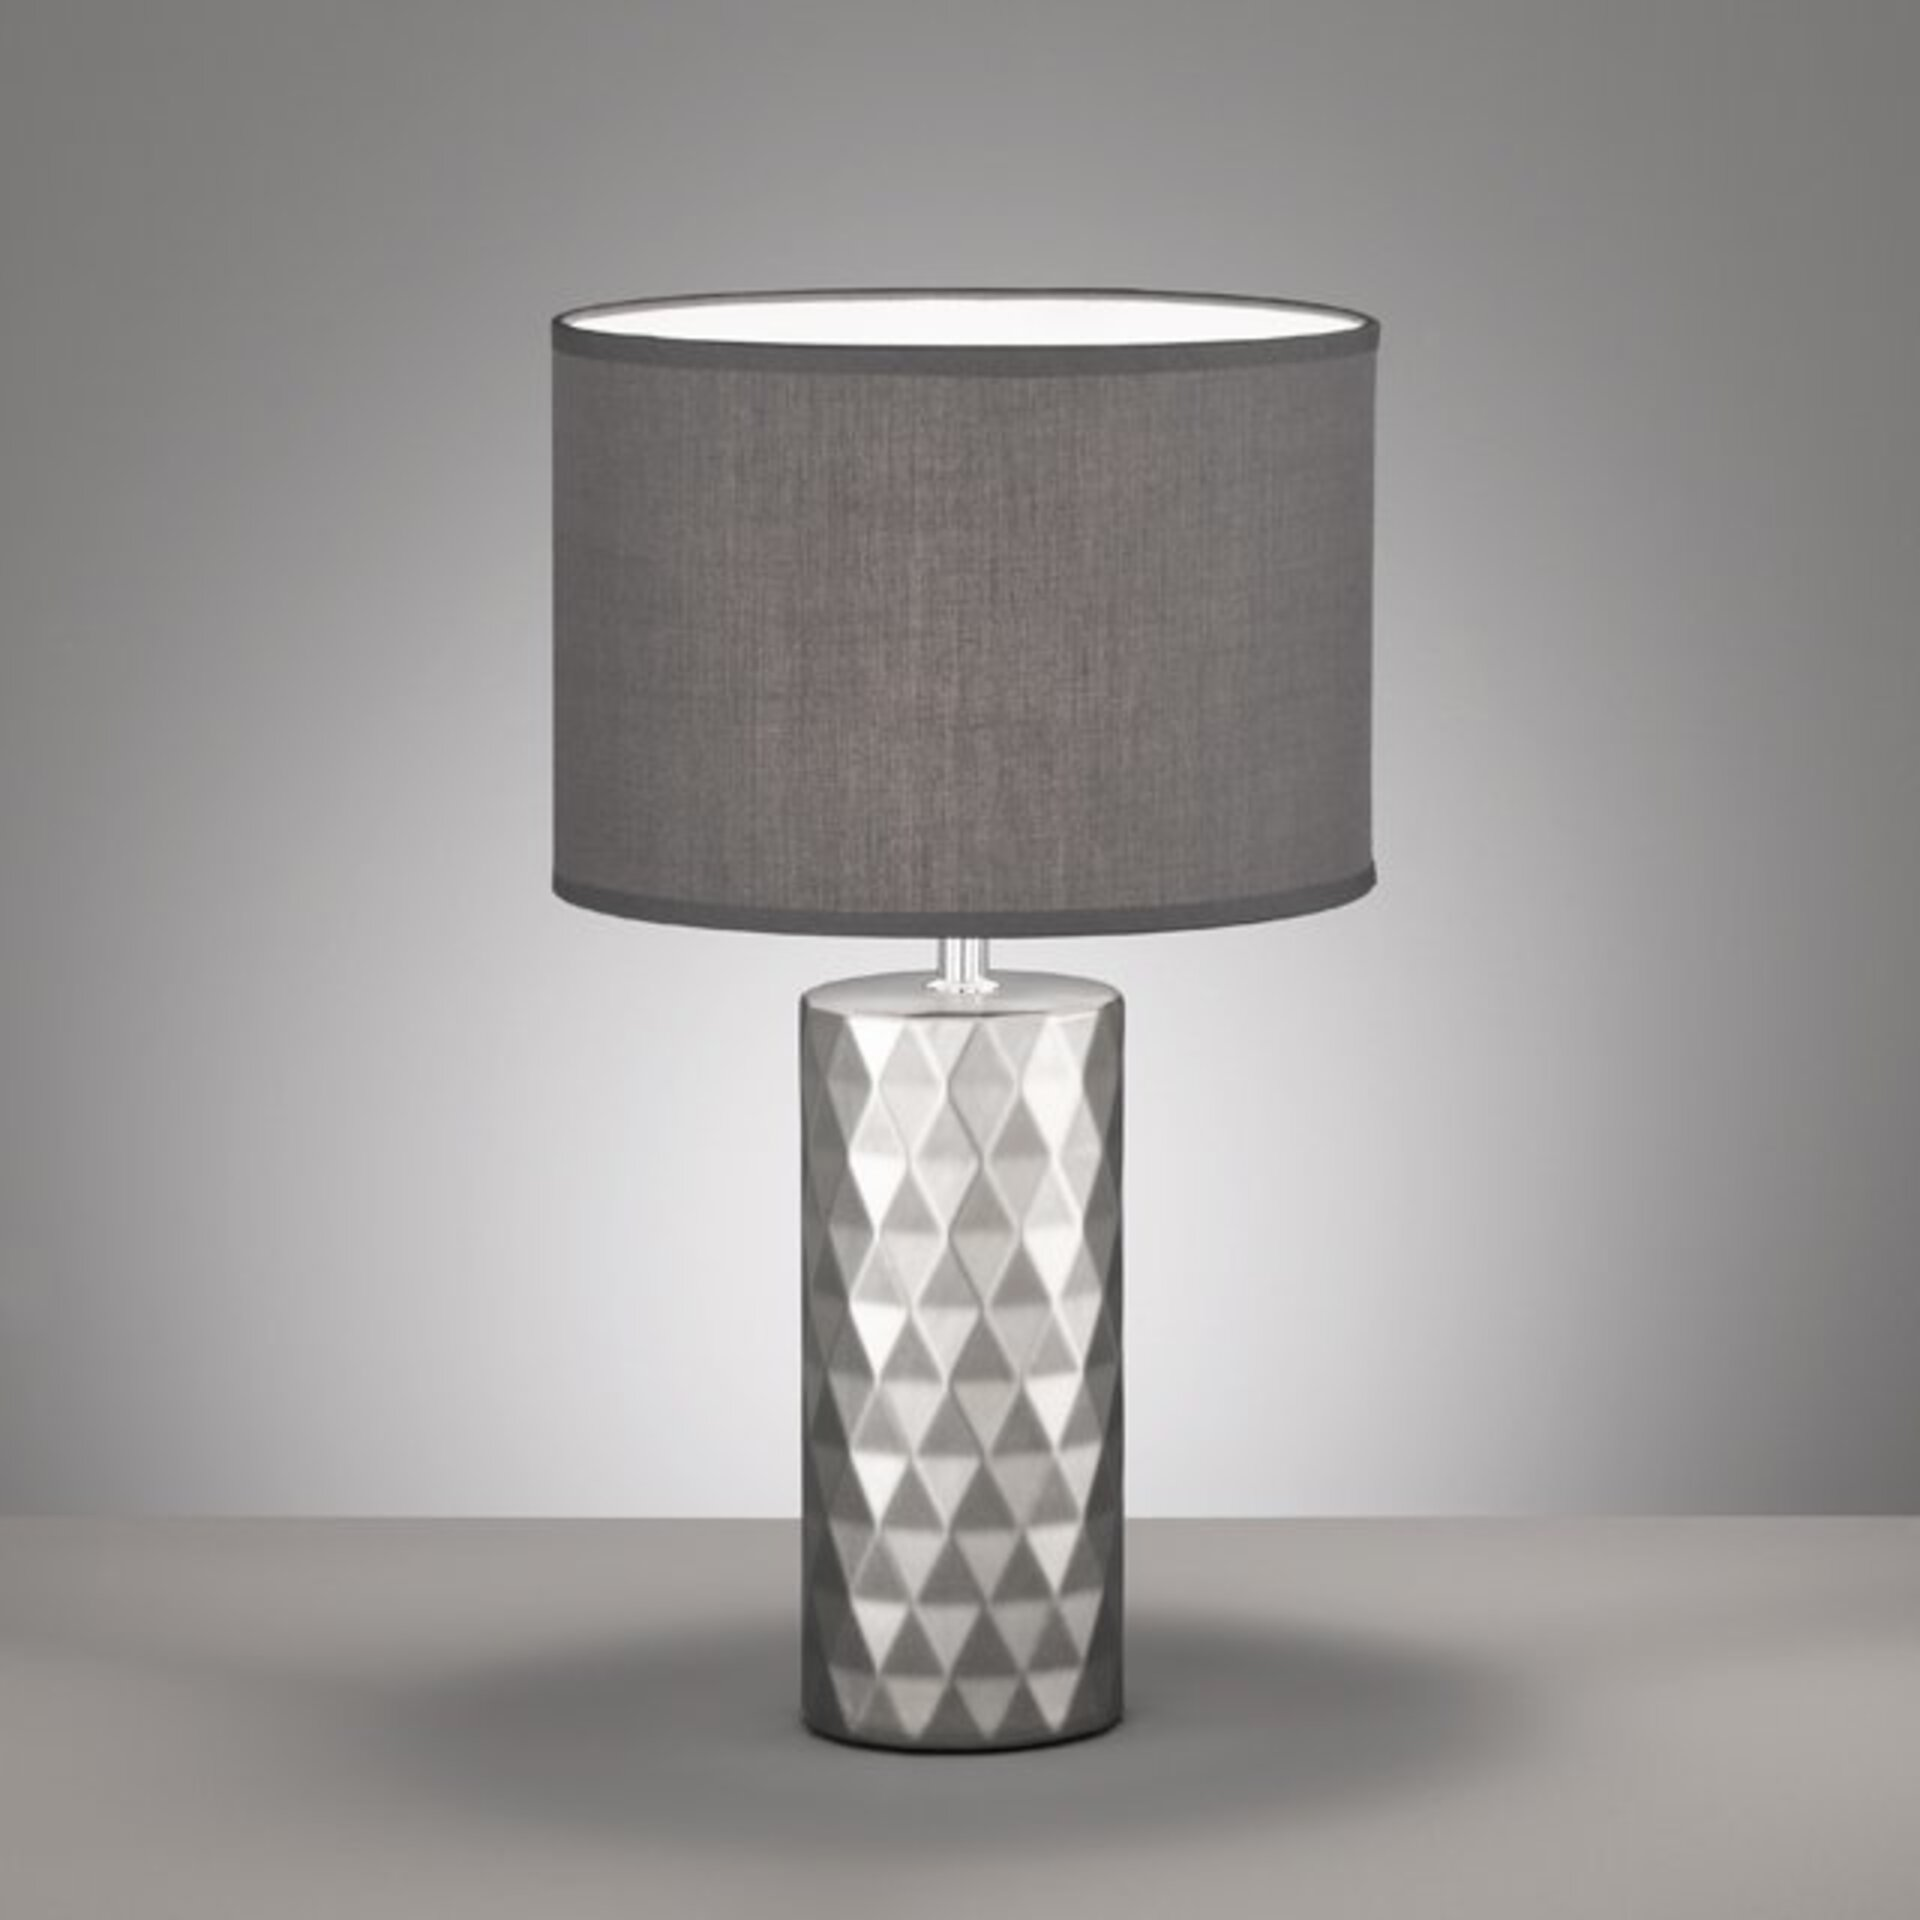 Tischleuchte Abo Fischer-Honsel Textil grau 25 x 43 x 25 cm